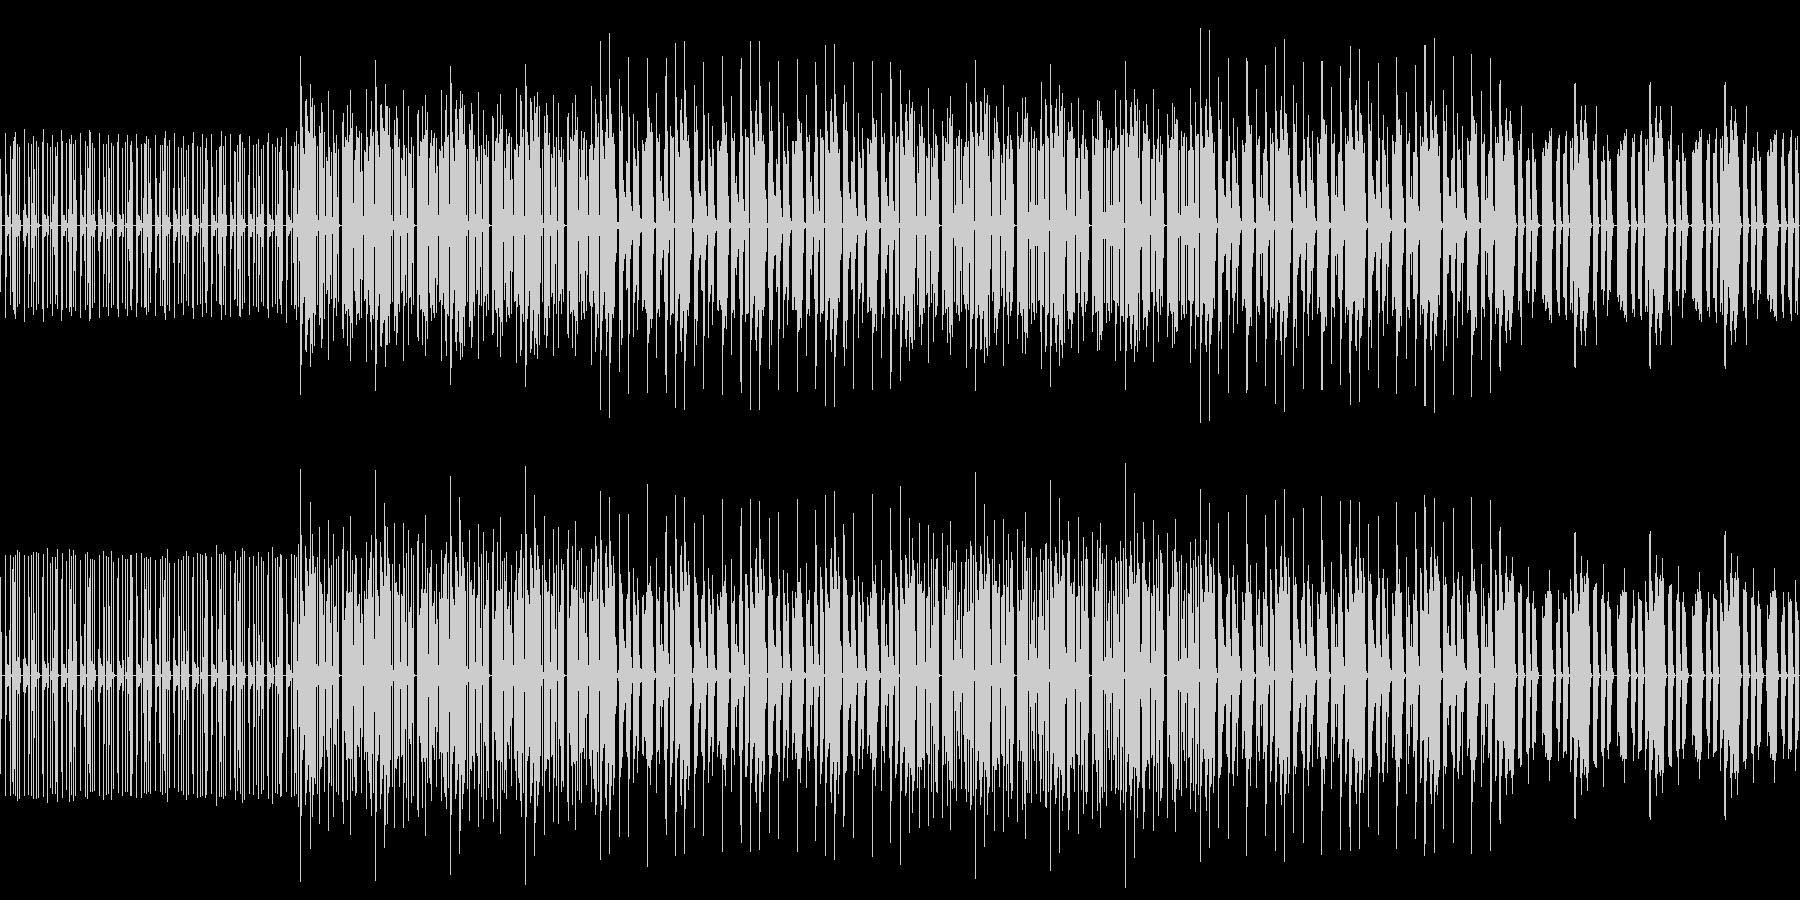 【映像/PV/オープニング/ポップス】の未再生の波形